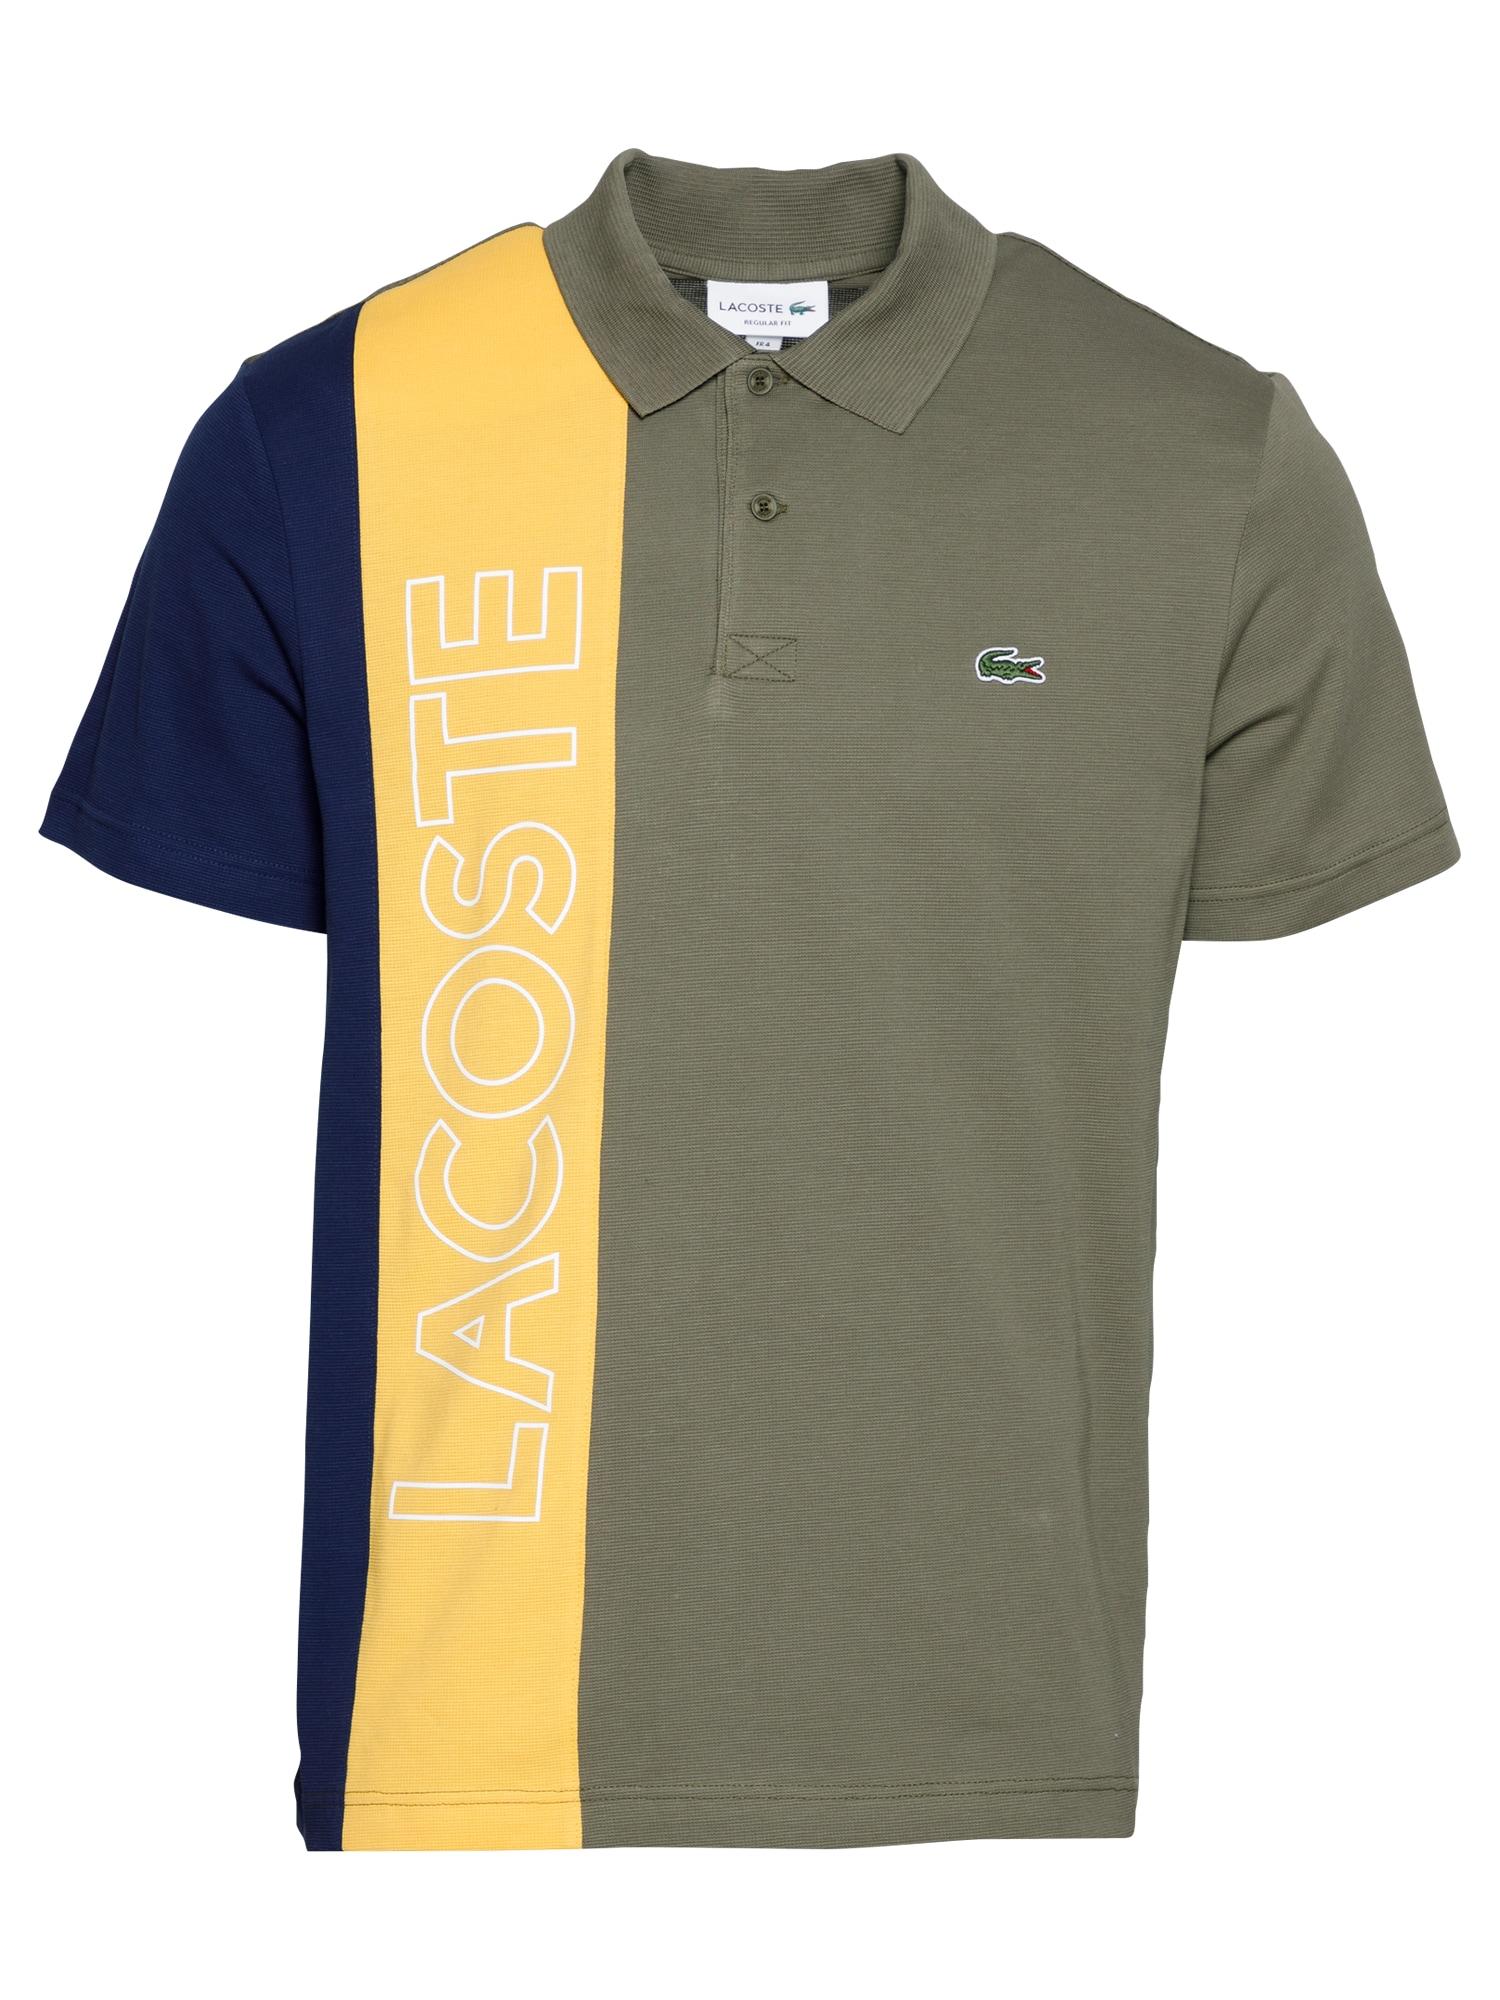 LACOSTE Marškinėliai alyvuogių spalva / tamsiai geltona / tamsiai mėlyna / balta